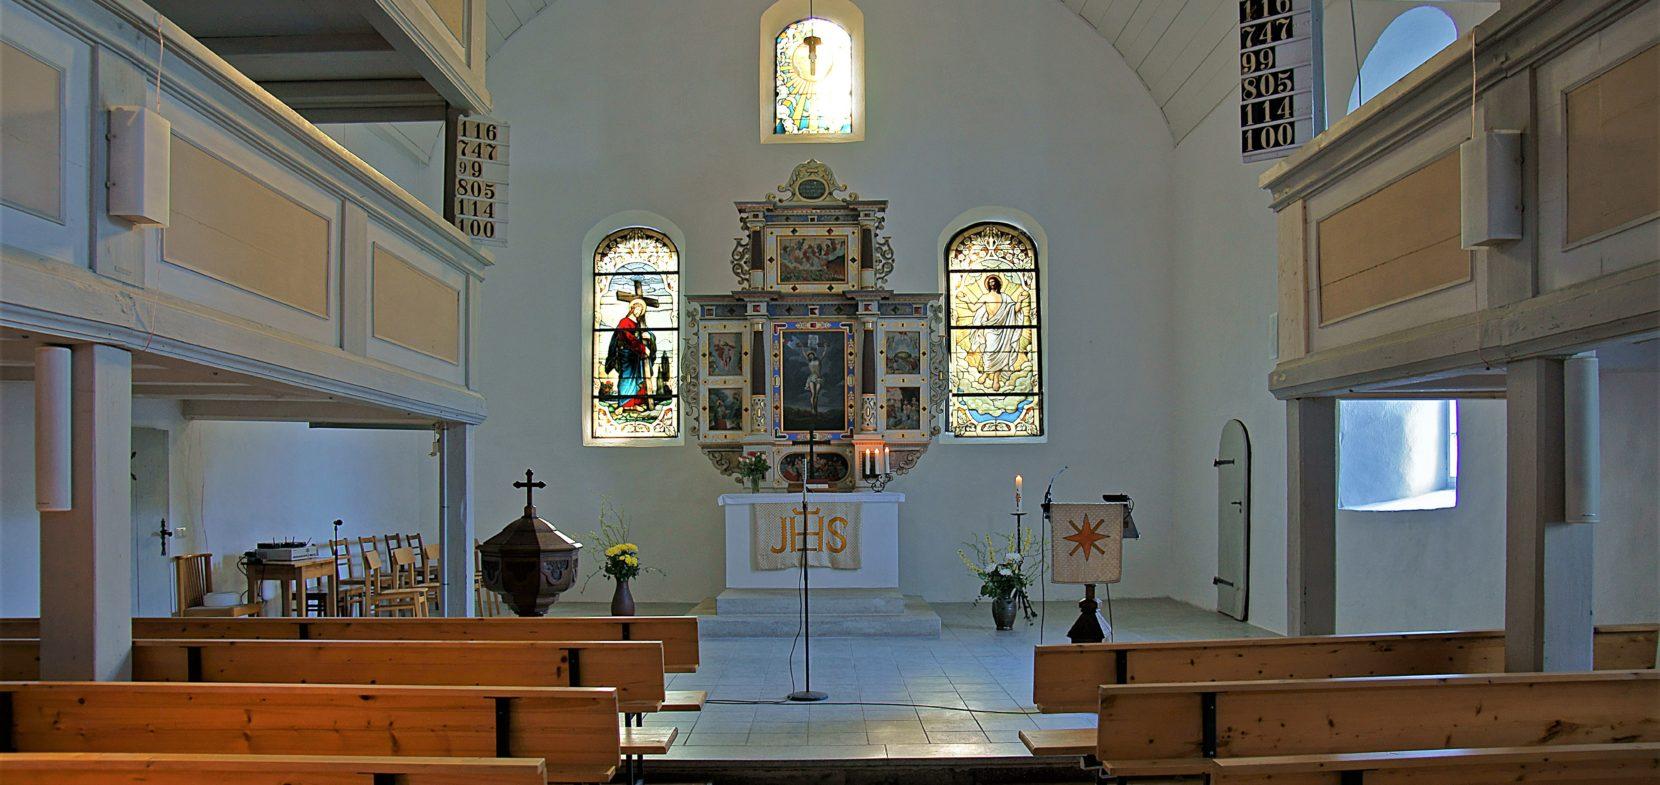 Ev.-Luth. Kirchgemeinde Schwepnitz-Neukirch-Schmorkau (Schwesterkirchverhältnis Kamenz-Cunnersdorf mit SK Elstra-Prietitz-Schmeckwitz, Königsbrück-Höckendorf, Schwepnitz-Neukirch-Schmorkau, Oßling, Großgrabe)